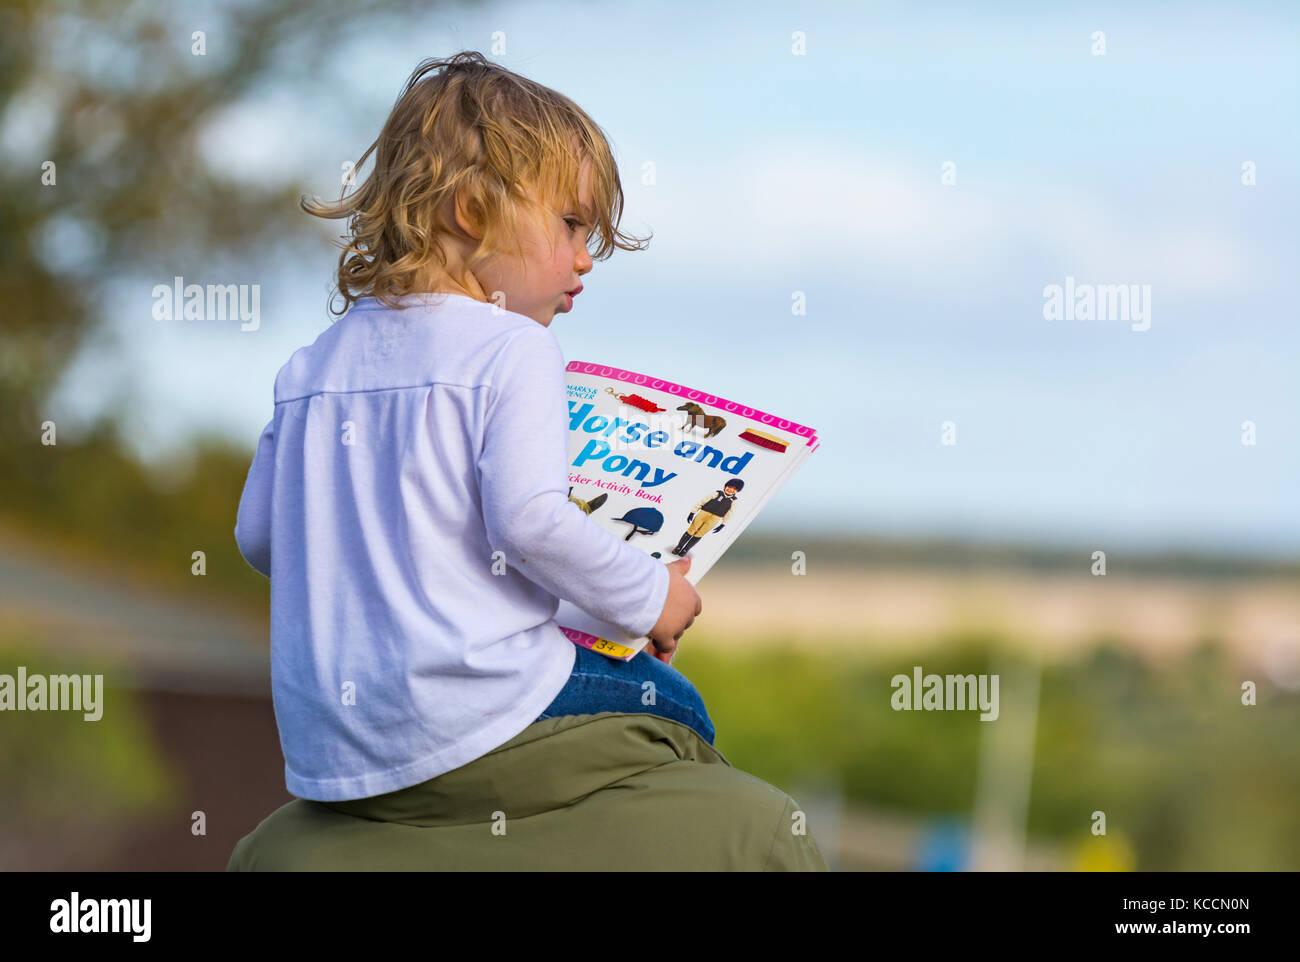 Jeune fille assise sur les épaules de quelqu'un tout en lisant un livre d'enfant. Photo Stock